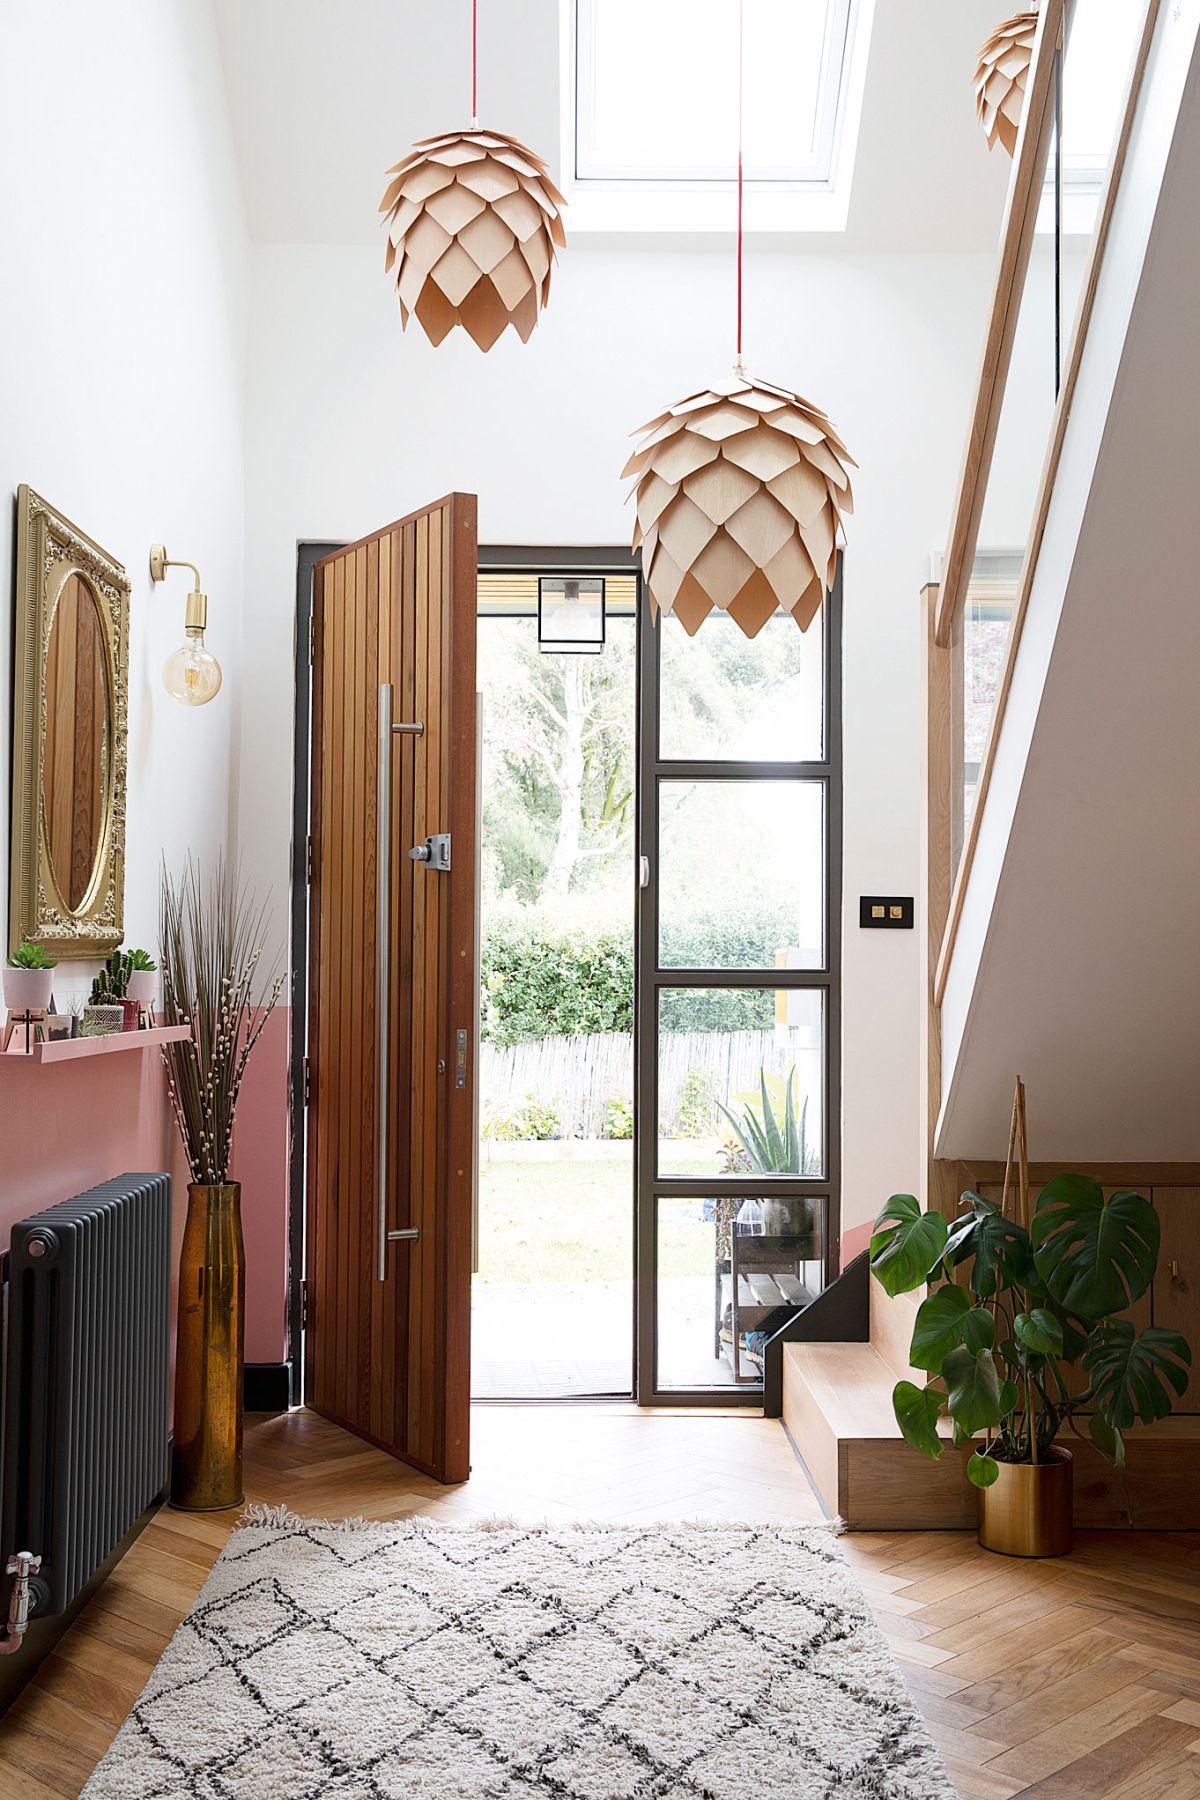 How to hang a door – 6 steps to replace a door yourself